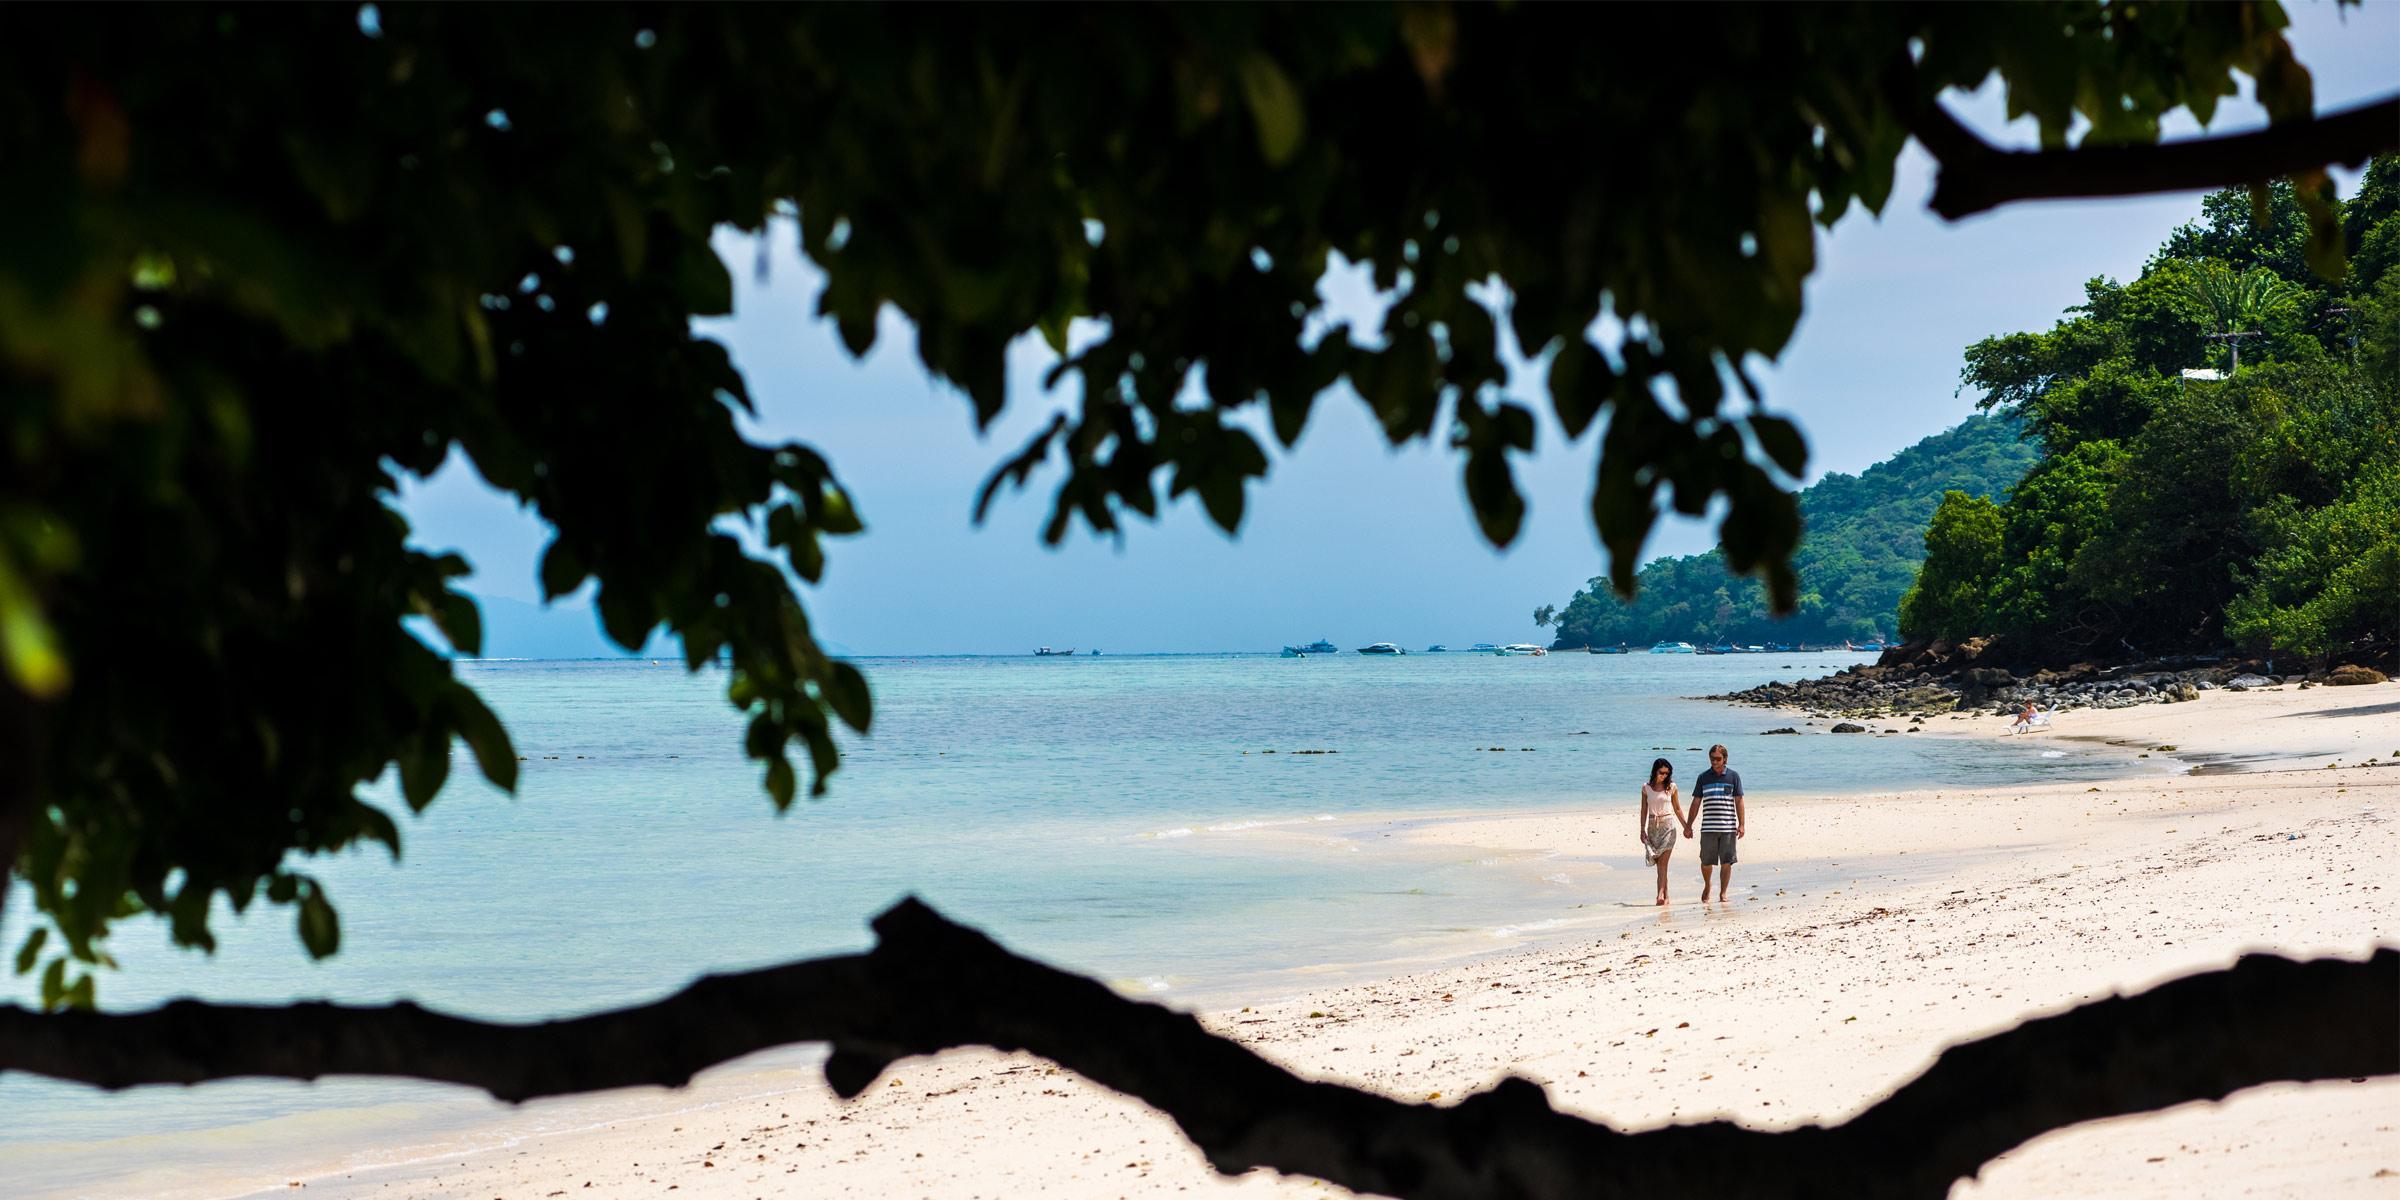 Thai pleasure island of next tube